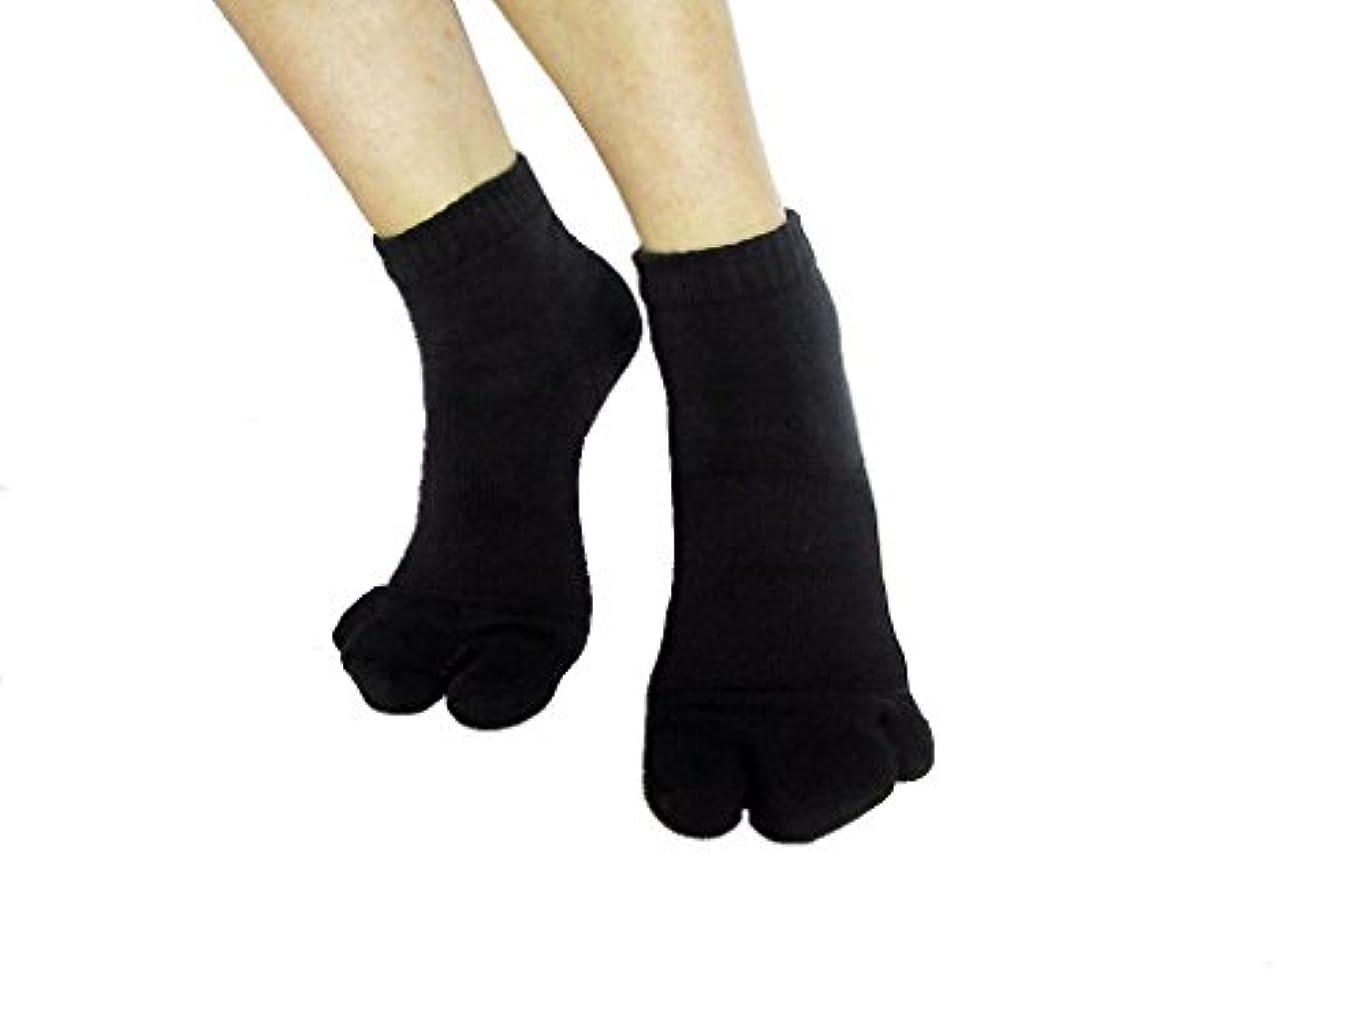 白鳥かまどジャーナルカサハラ式サポーター ホソックス3本指 テーピング靴下 ブラック M23.5-23.5cm